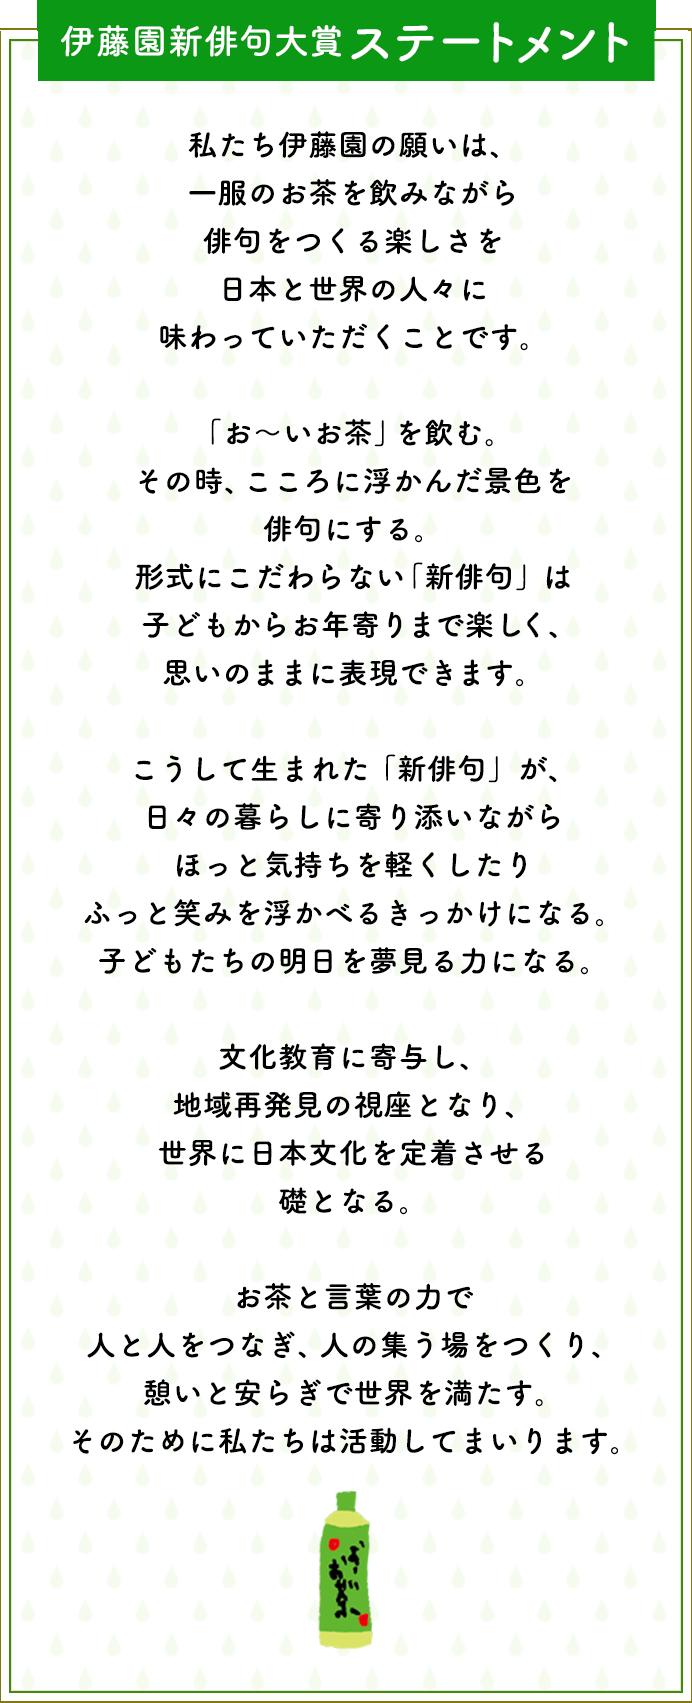 新 お茶 伊藤園 俳句 大賞 おーい